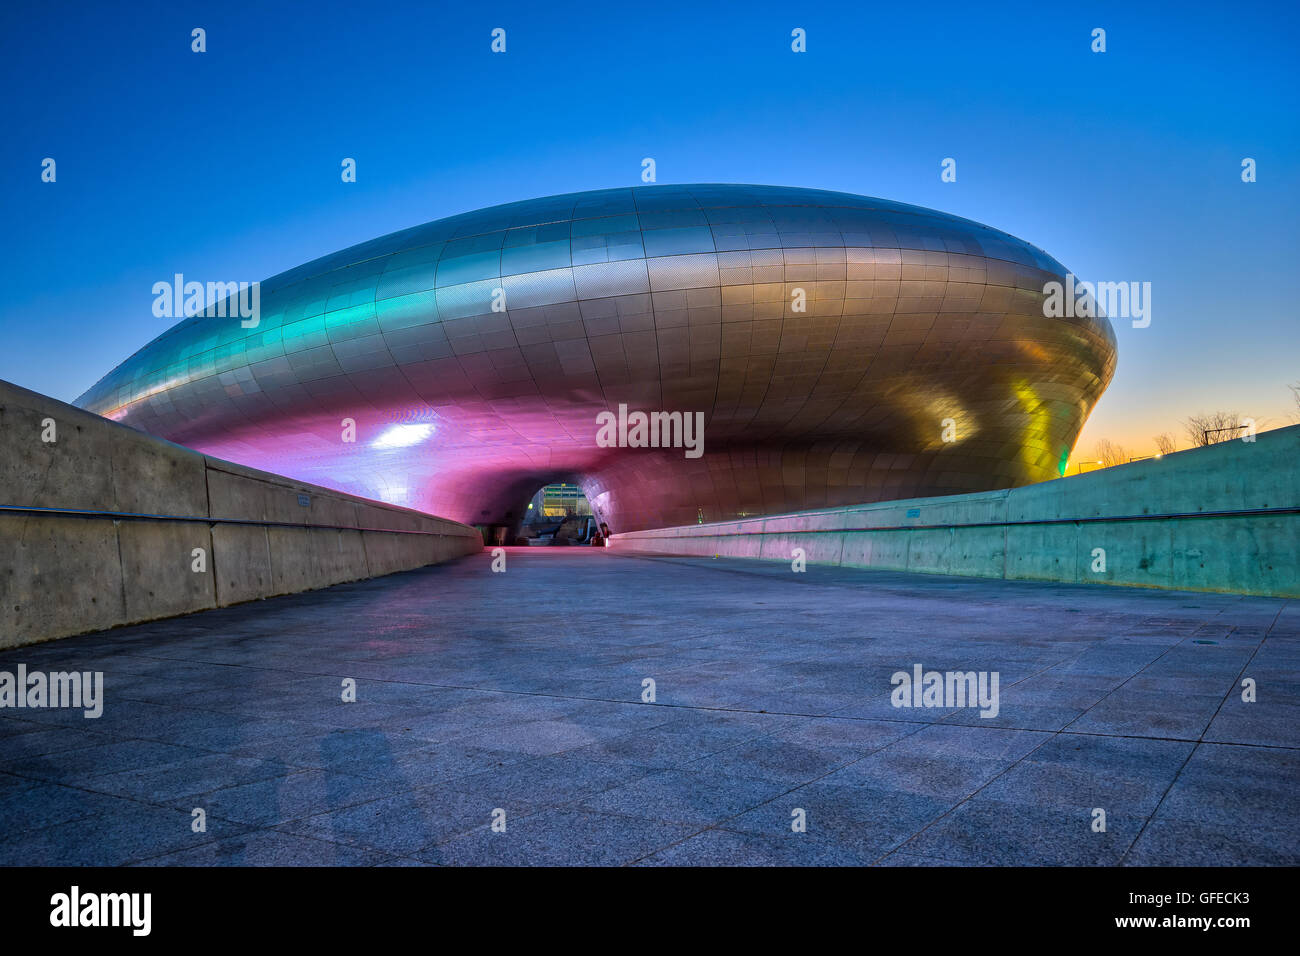 Seúl, Corea del Sur- Diciembre 7, 2015: El diseño de Dongdaemun Plaza, también llamado el DDP, es Imagen De Stock